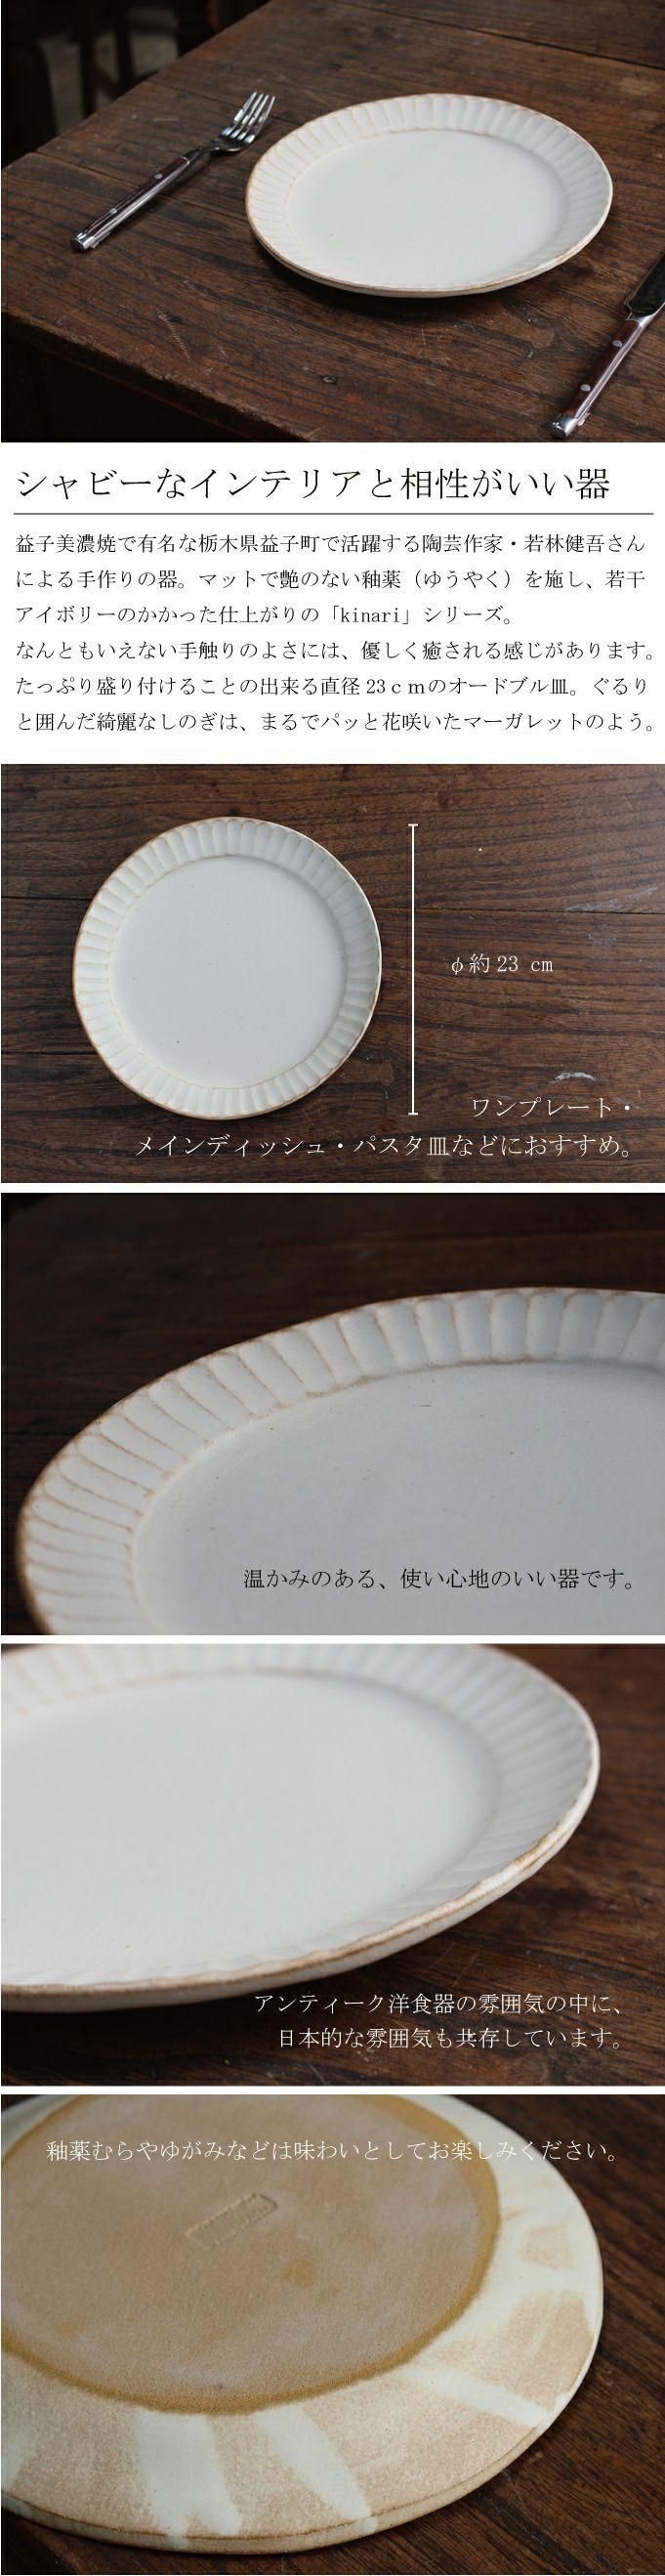 益子焼・キナリオードブル皿